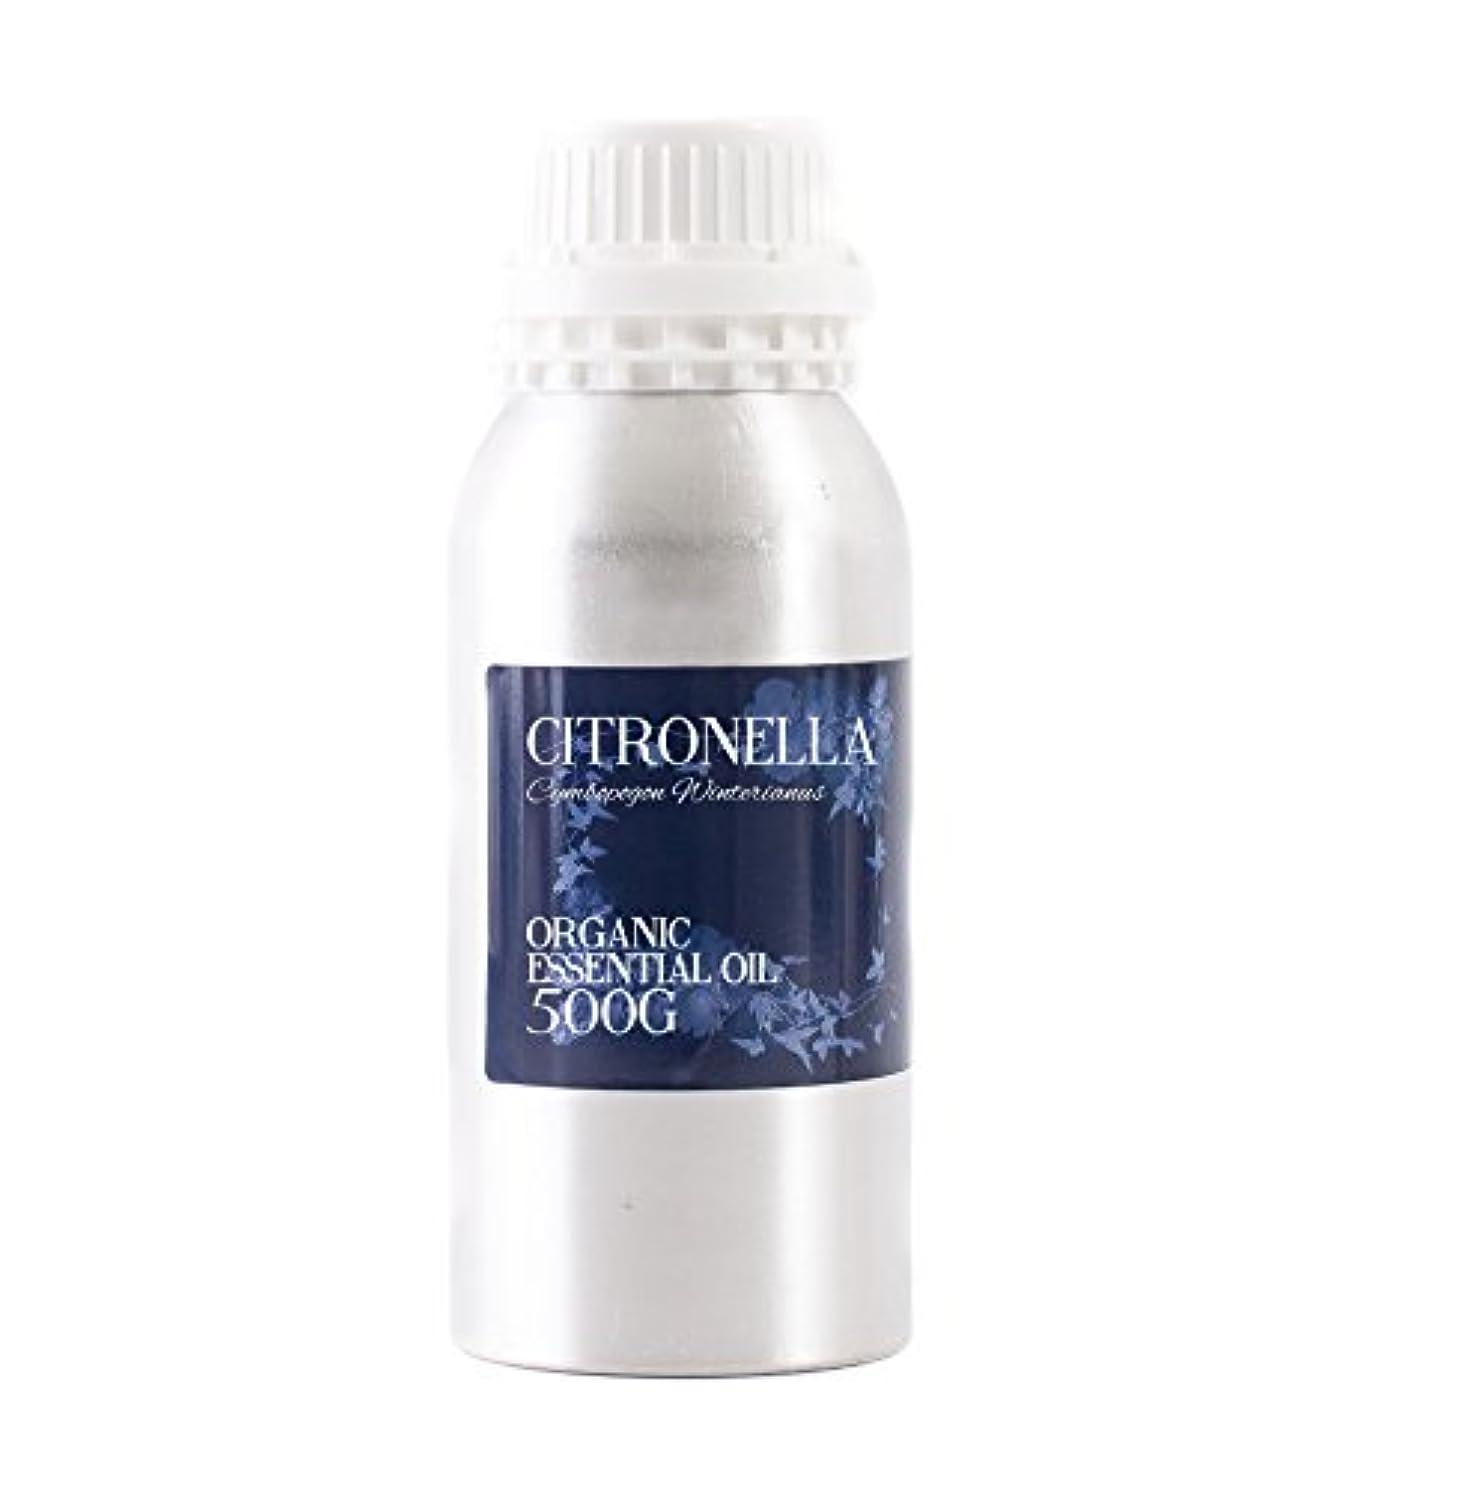 ヒップ冷笑するリラックスMystic Moments | Citronella Organic Essential Oil - 500g - 100% Pure